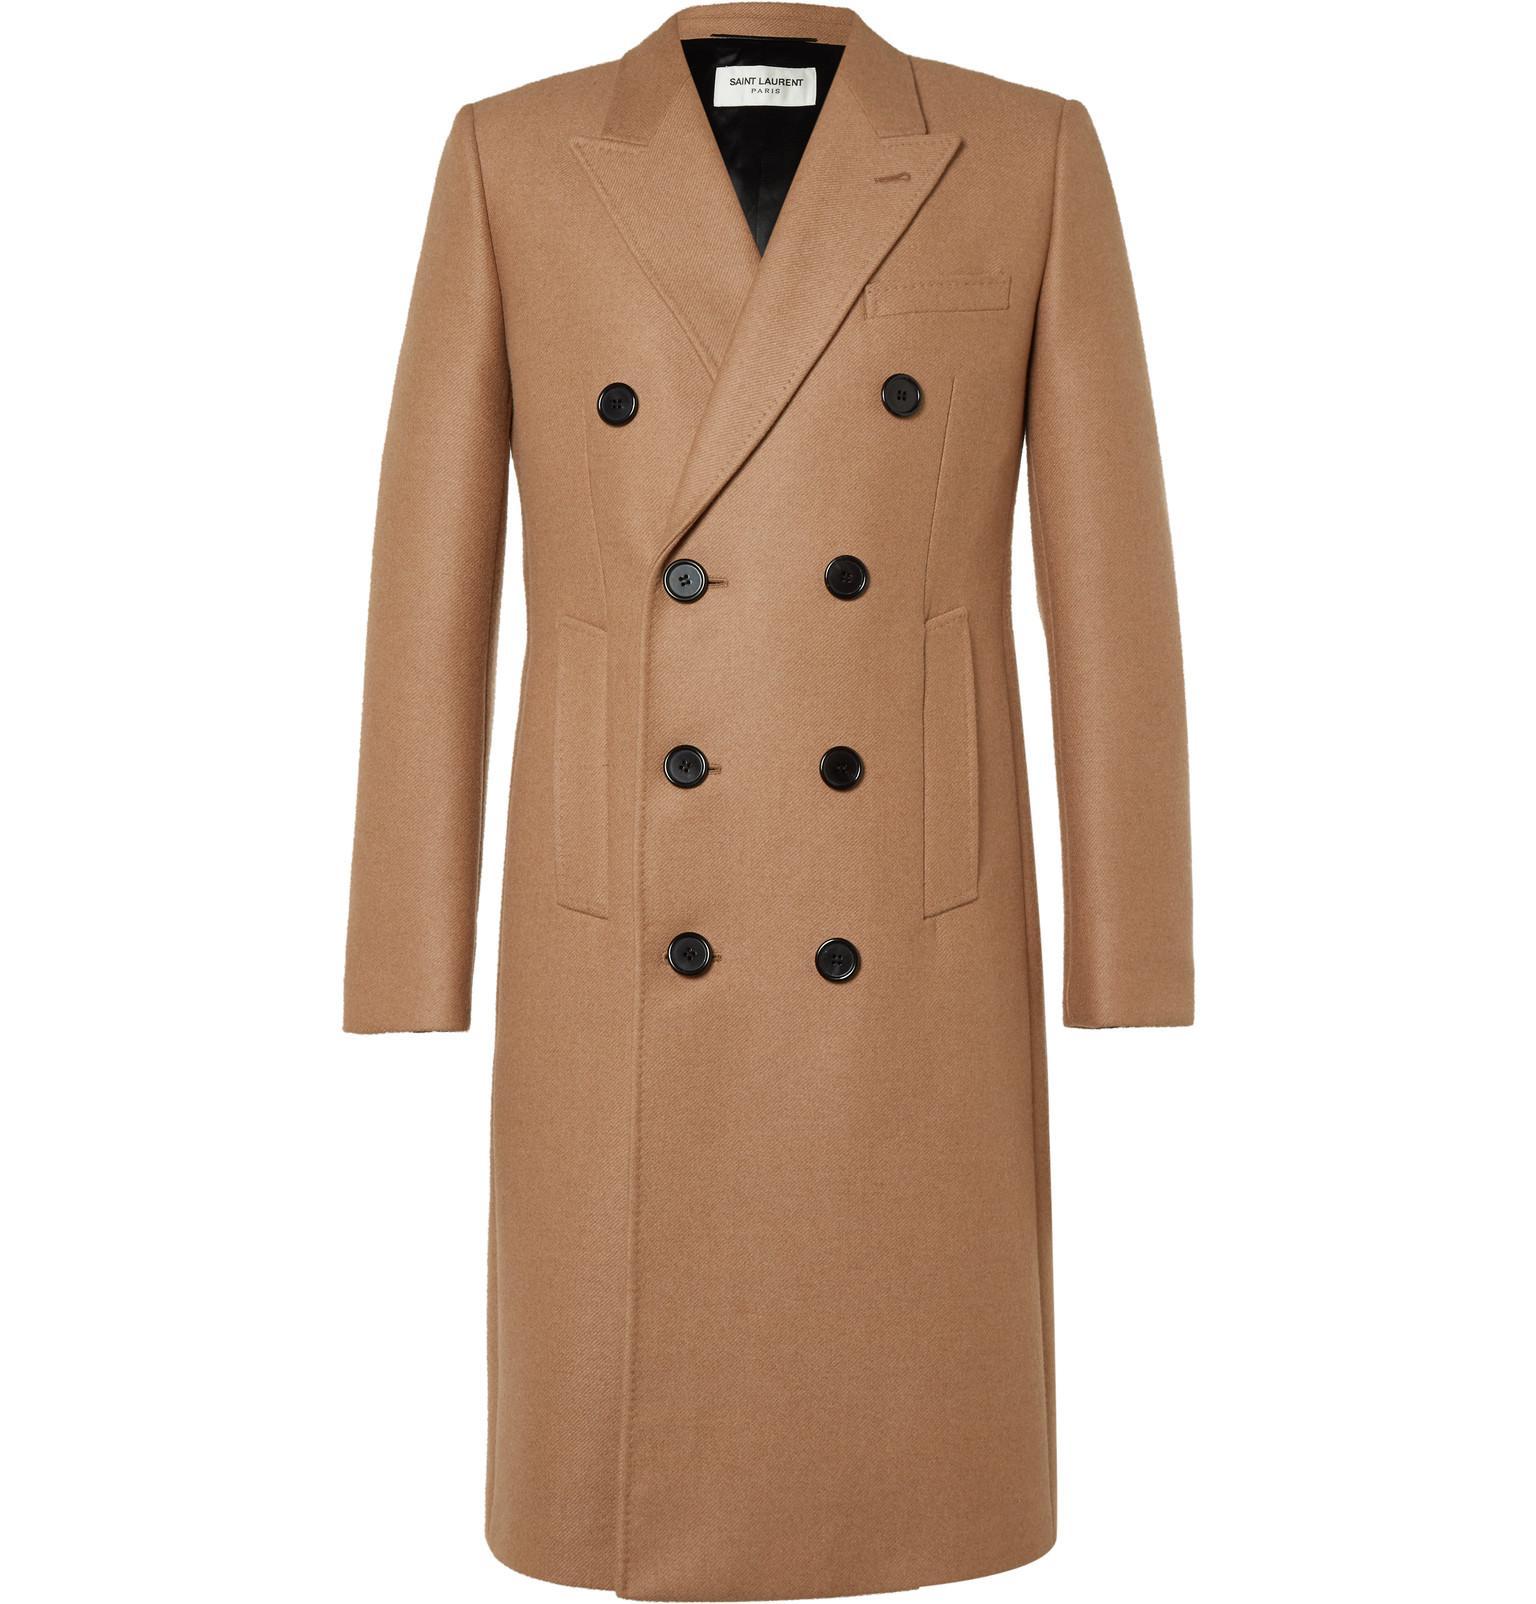 Saint laurent Velvet-collar Camel Hair-blend Overcoat in ...